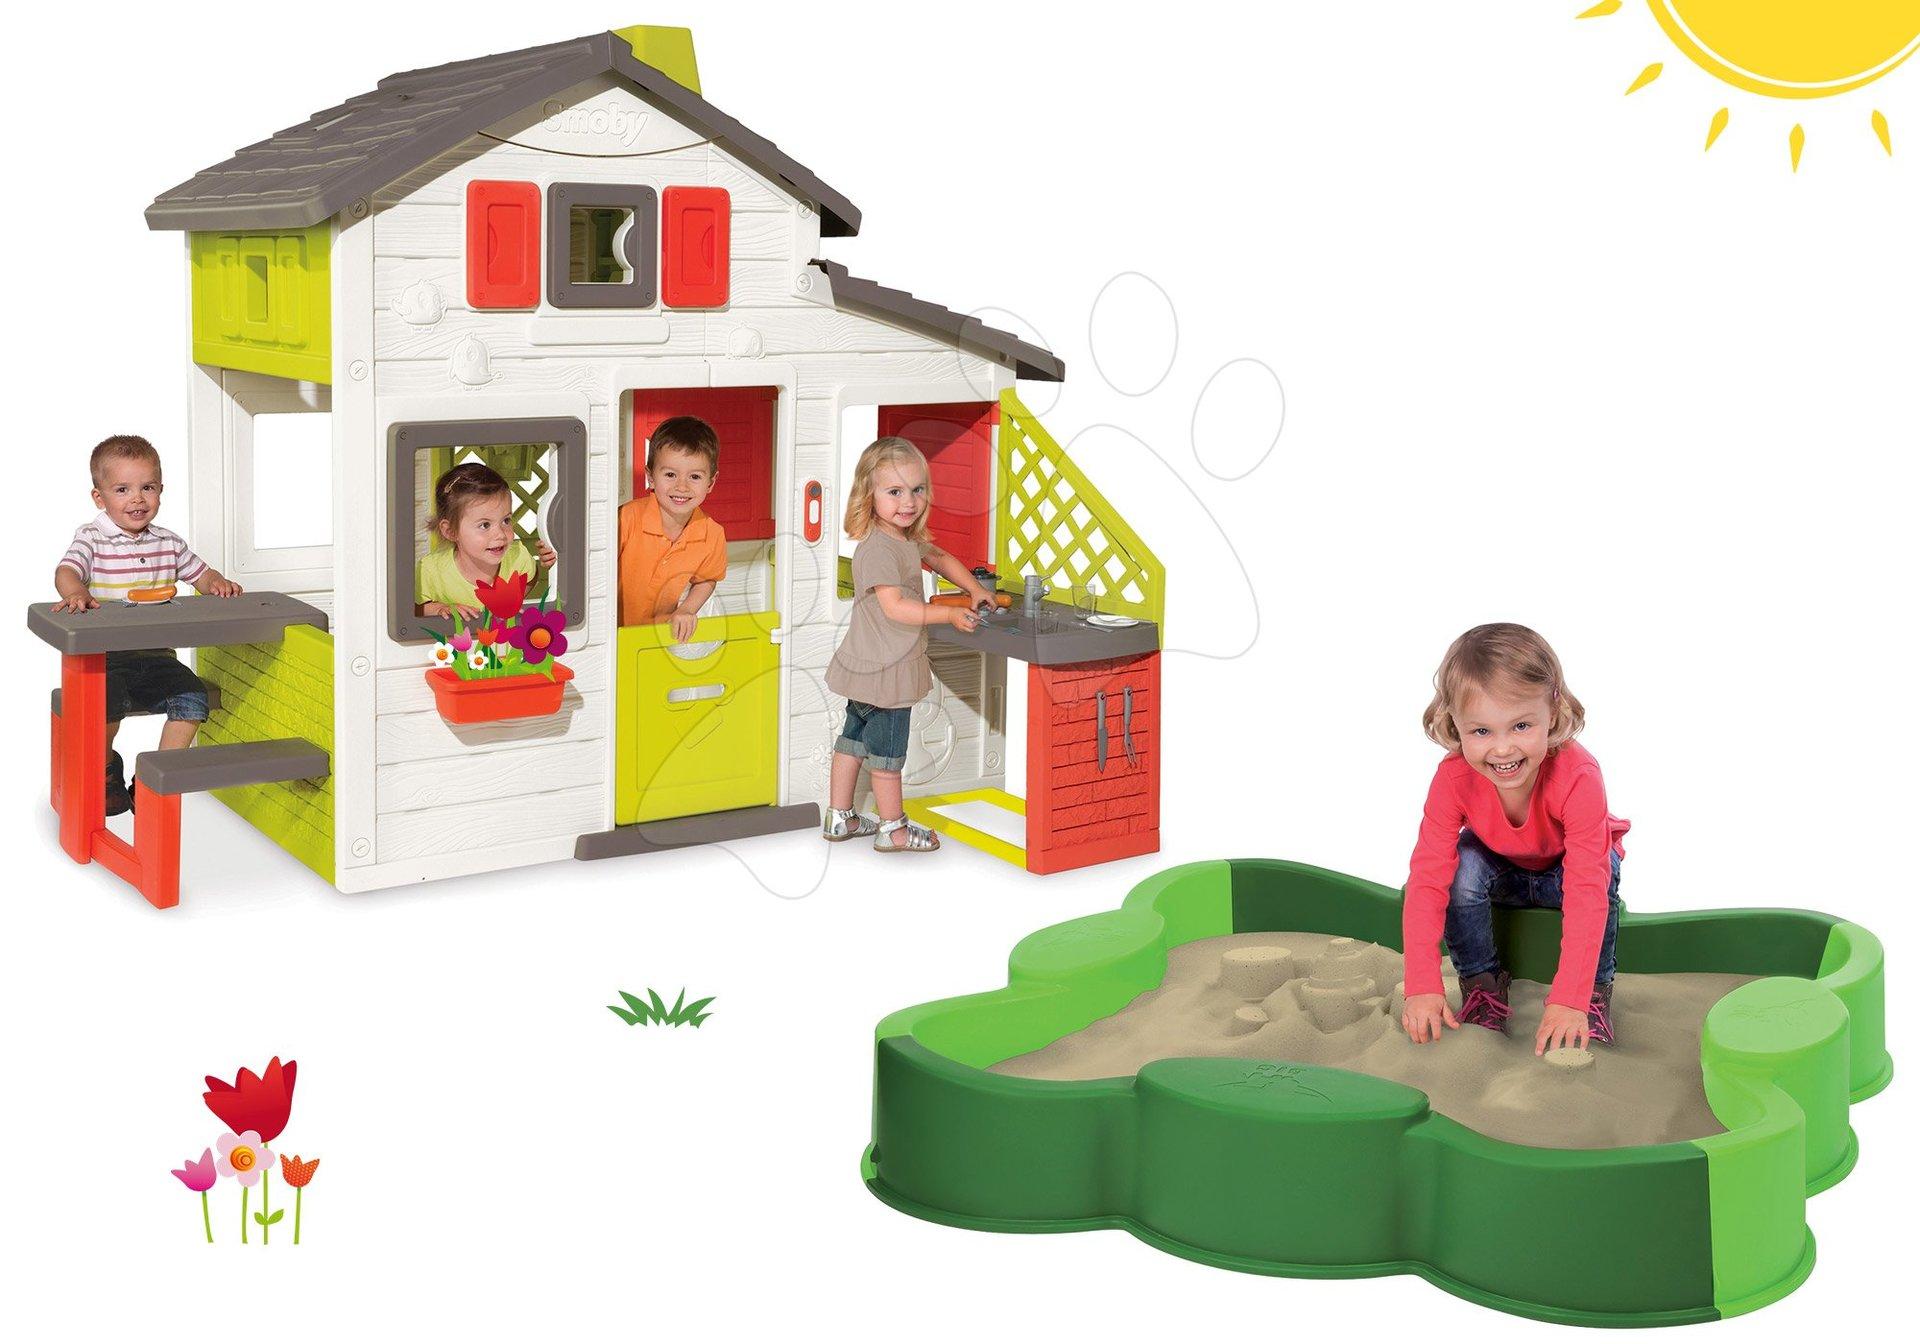 Set domeček Přátel s kuchyňkou Smoby a zvonkem, pískoviště Čtyřlístek Vario BIG s plachtou